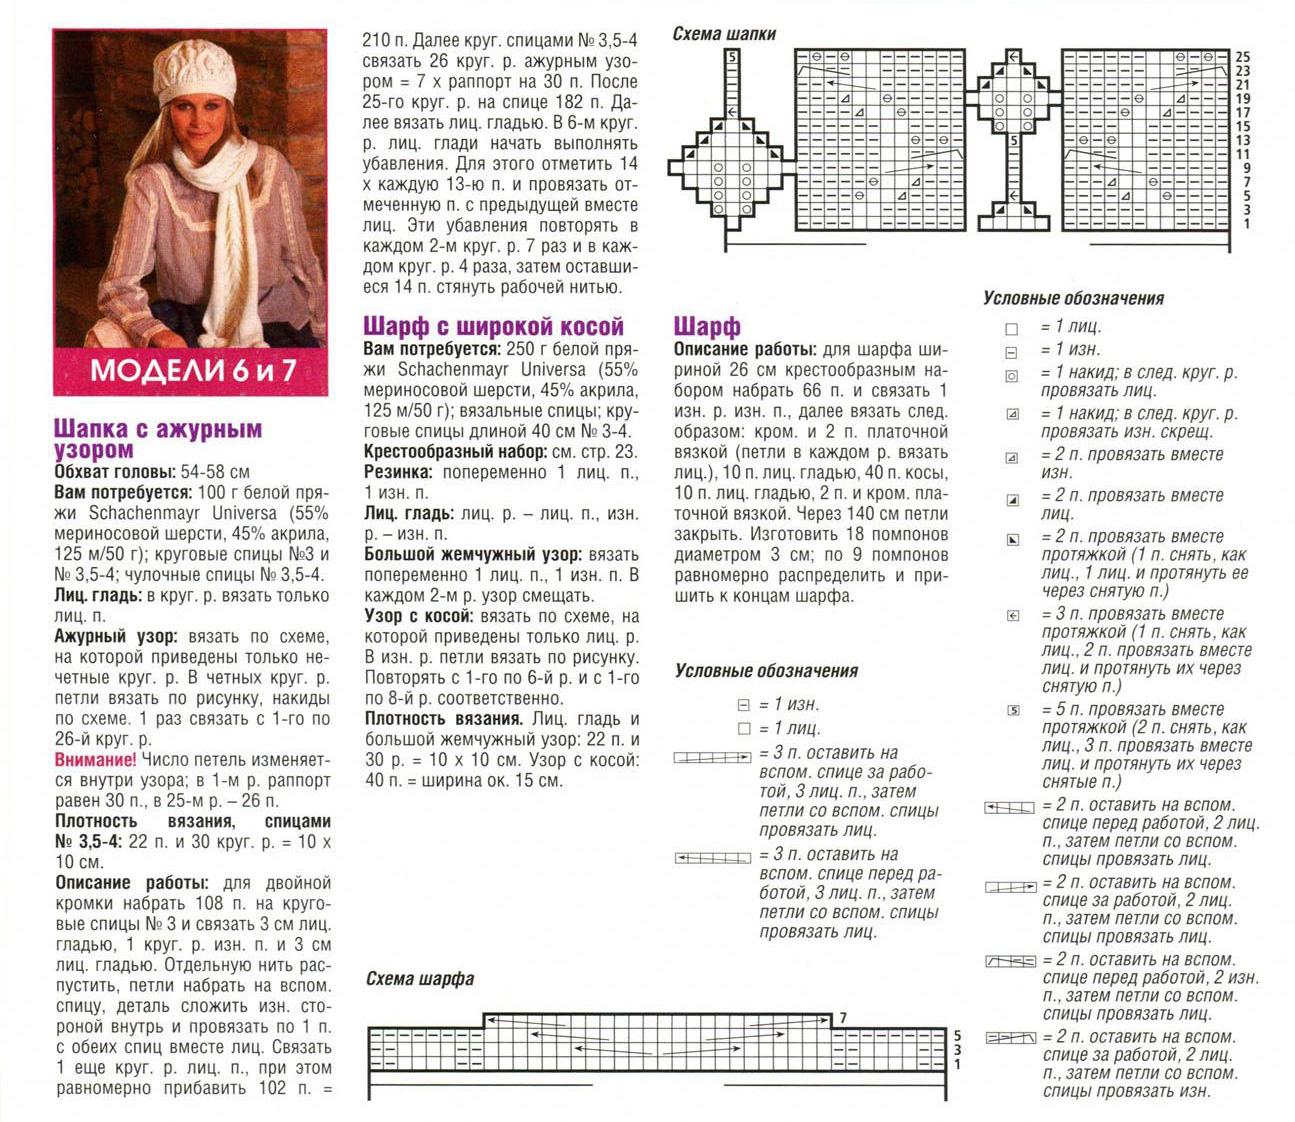 40 беретов спицами со схемами и описанием 64